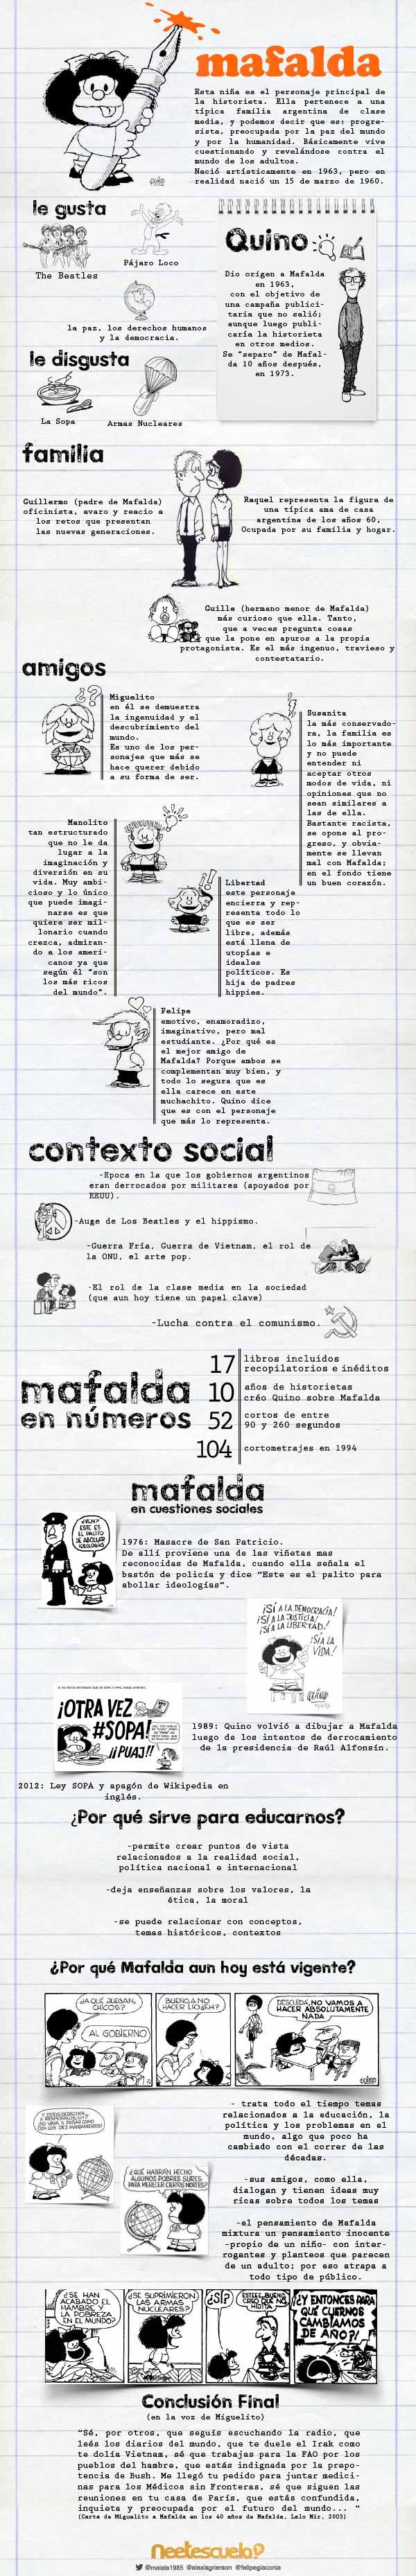 El Mundo de Mafalda